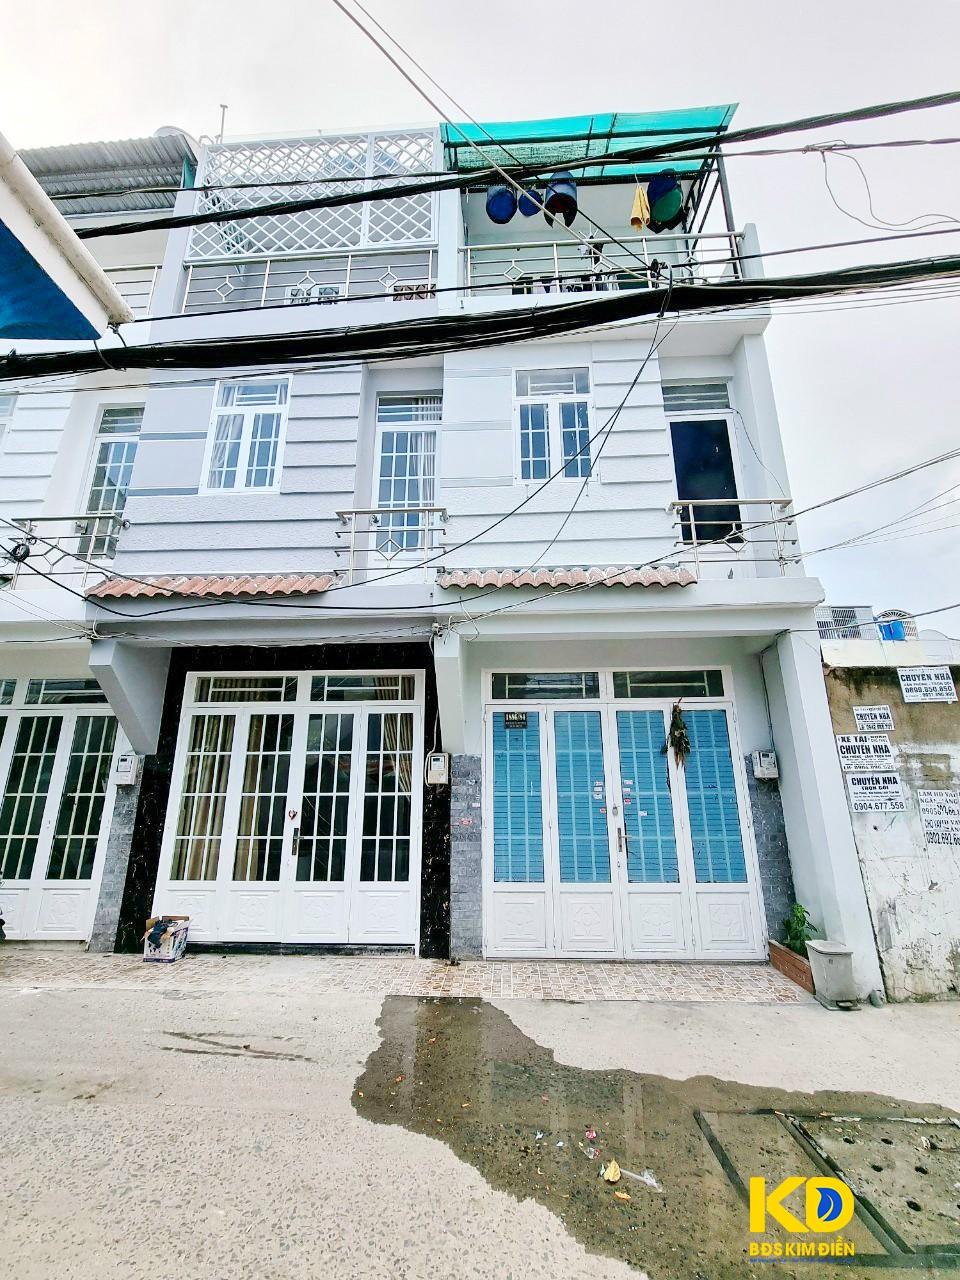 Bán nhà mặt tiền hẻm xe hơi 1886 Huỳnh Tấn Phát thị trấn Nhà Bè